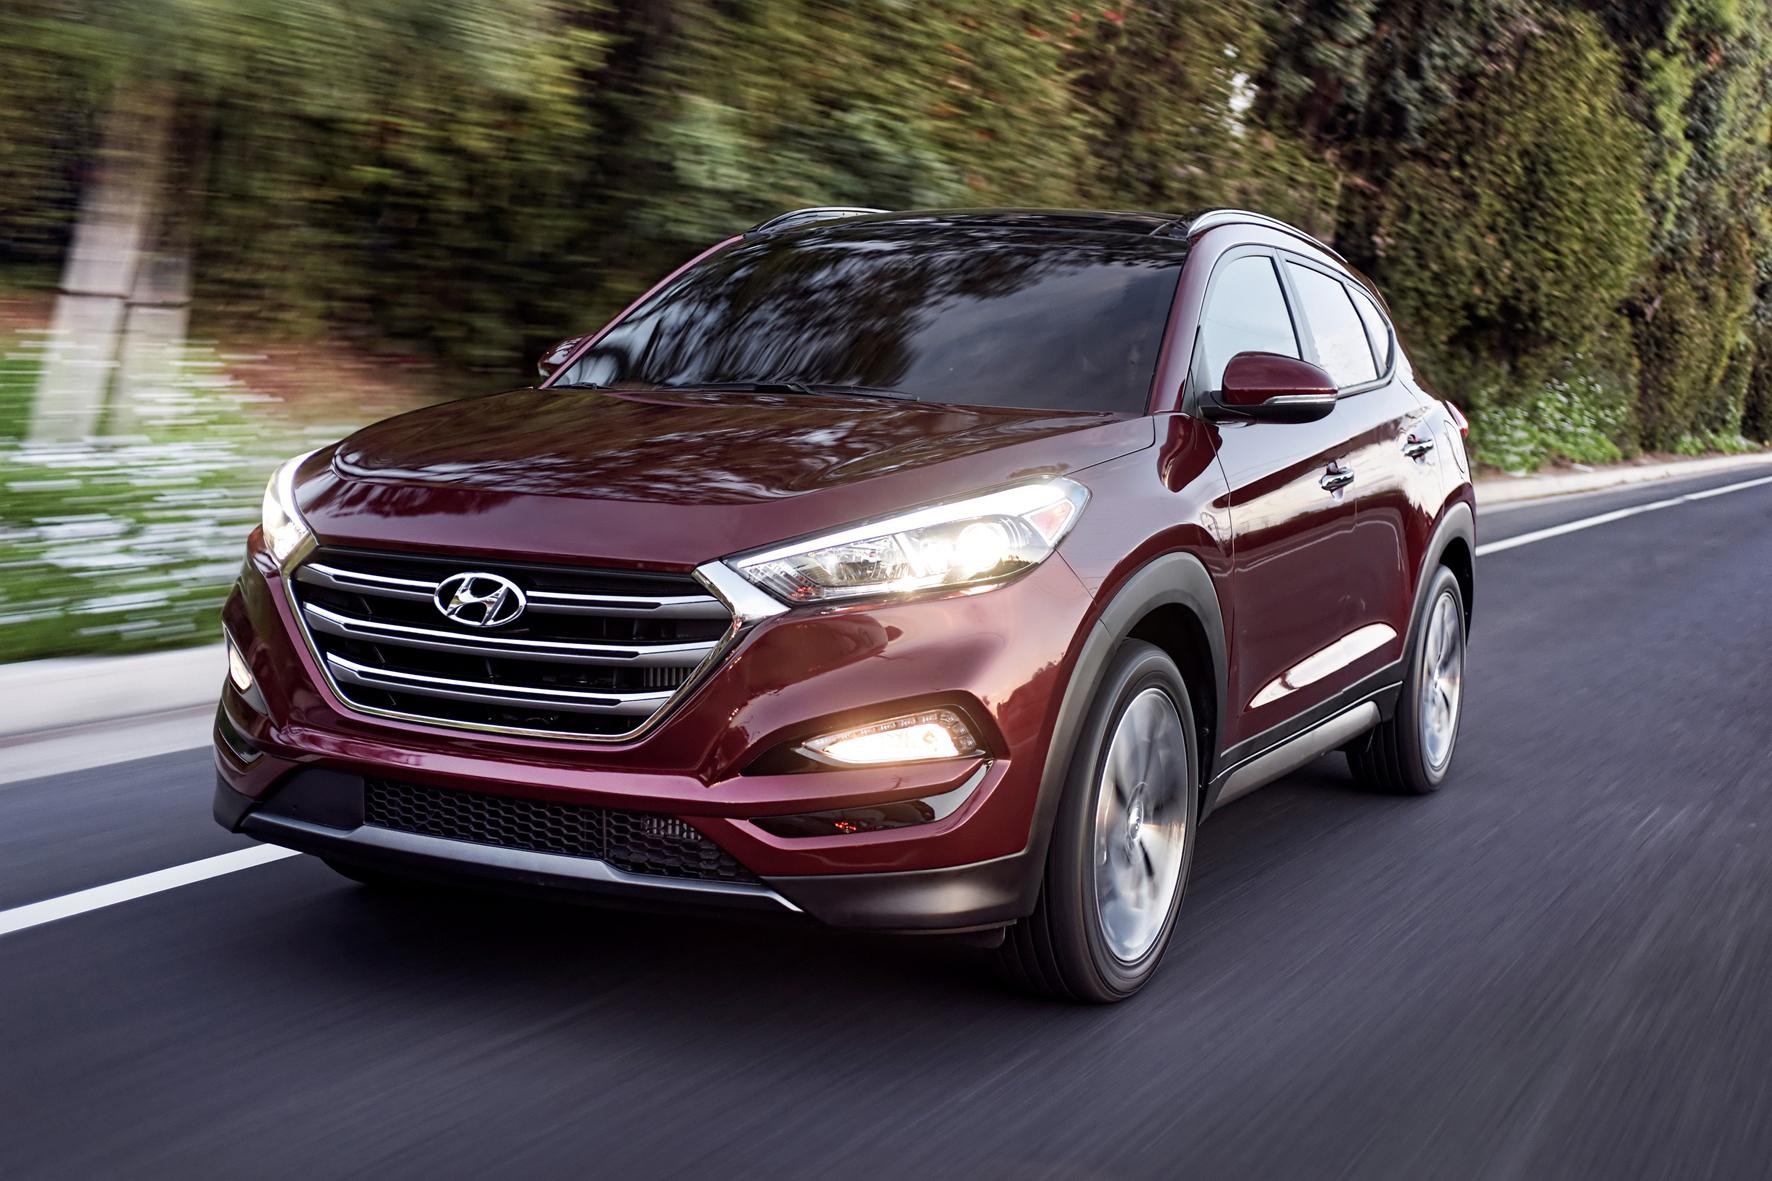 mid Frankfurt am Main - Von den neuen Hyundai-Produkten ist der Tucson der Star. Dieses SUV soll dem Hersteller neue Kunden bringen, zum Beispiel Lifestyle orientierte Menschen.